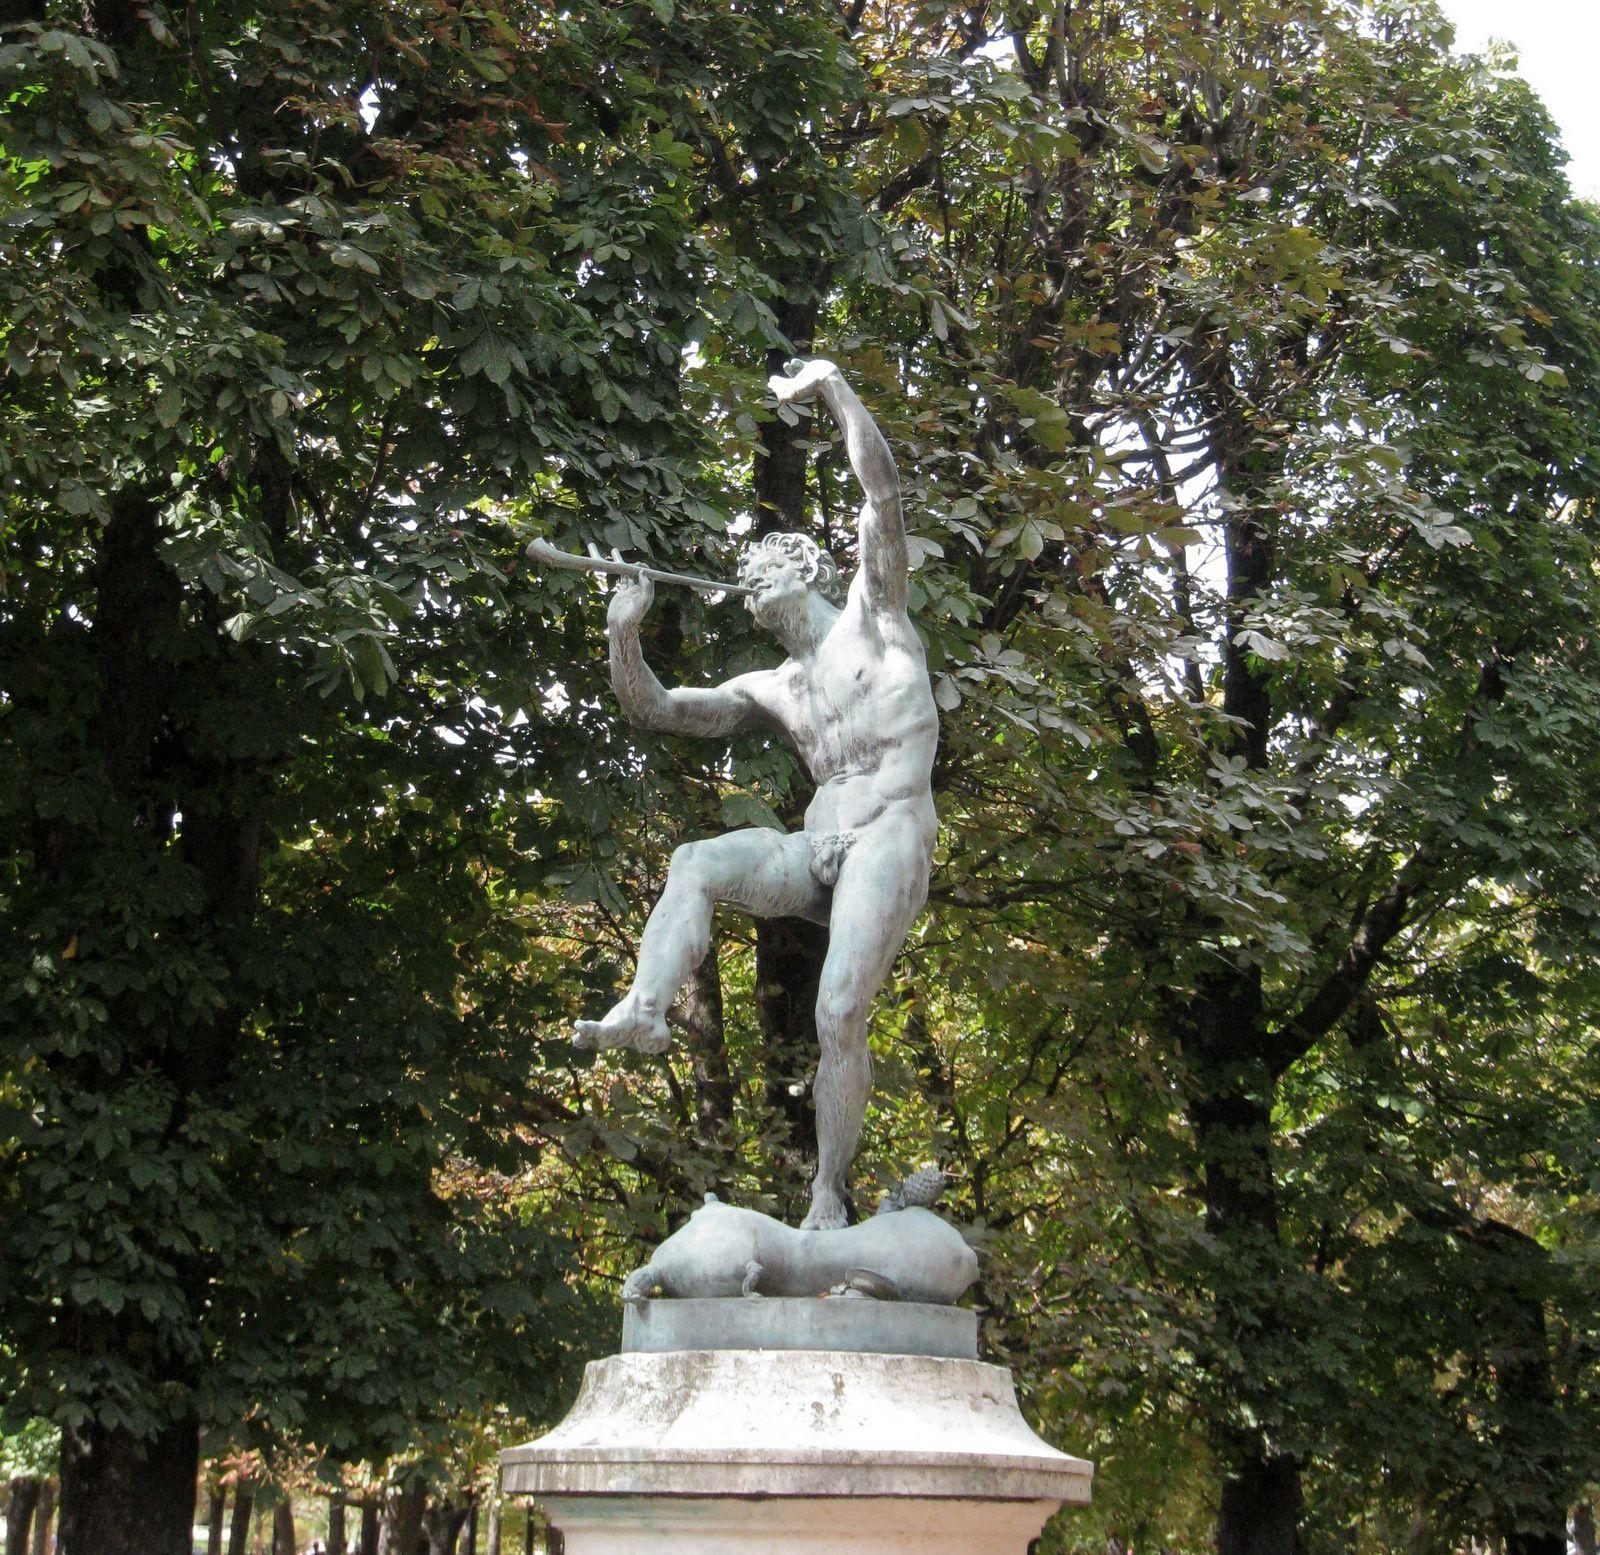 Faune dansant, sculpture d'Eugène-Louis Lequesne